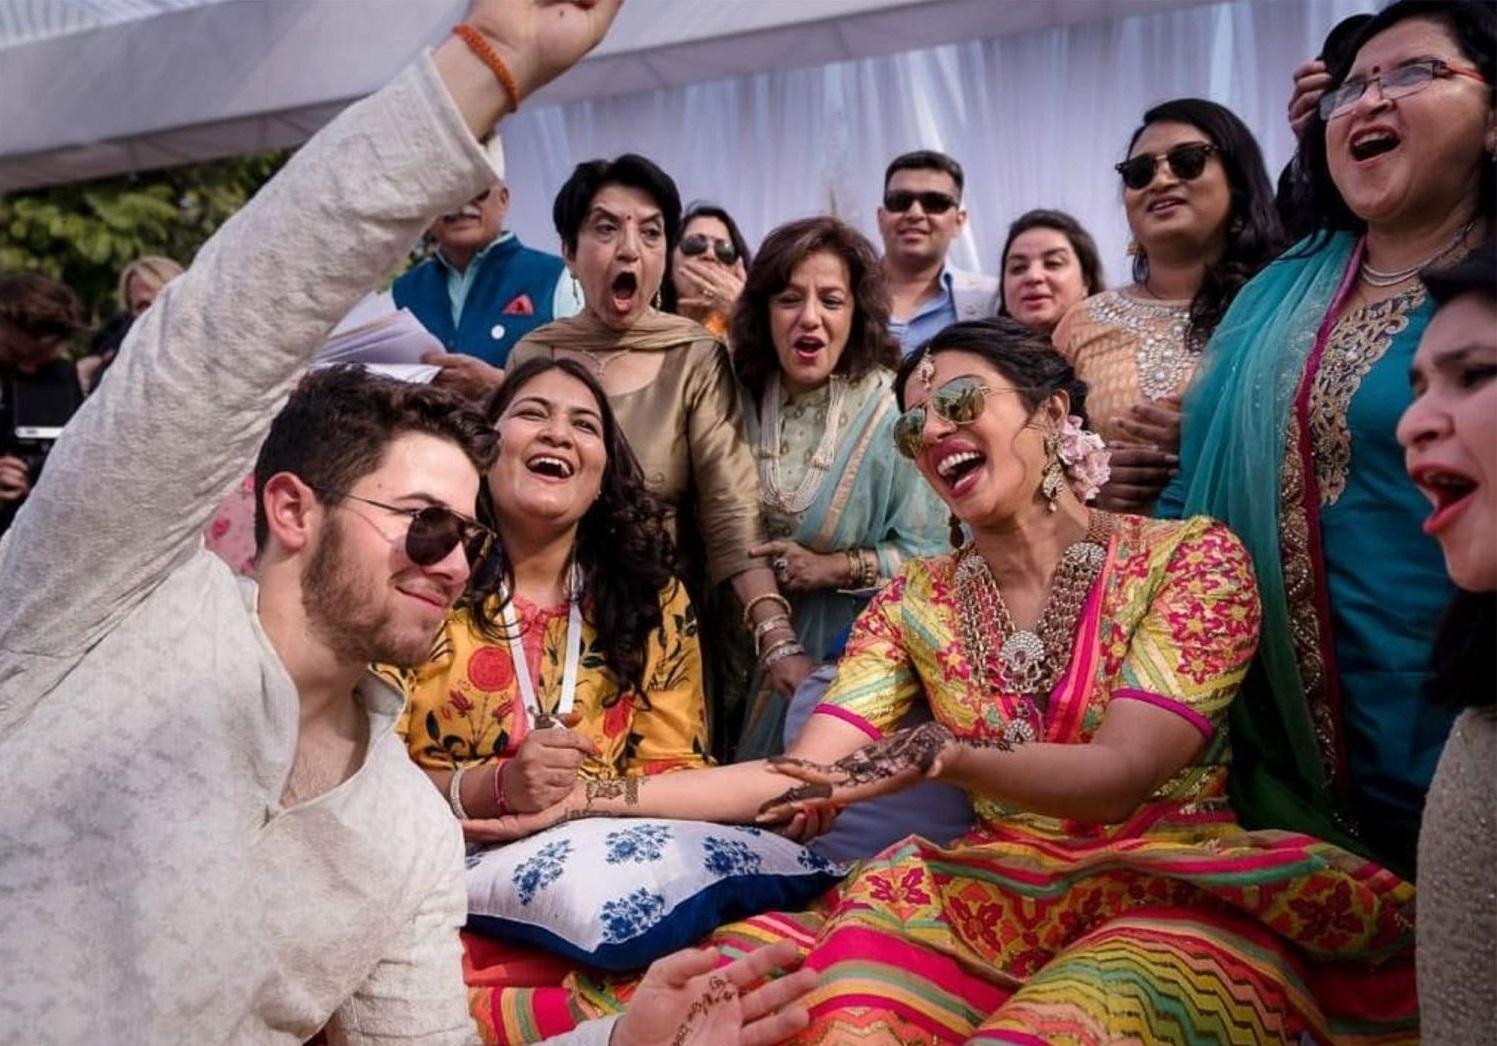 49b6fab7e حفل زفاف بريانكا شوبرا في الهند | حب وزواج | مجلة موجيه